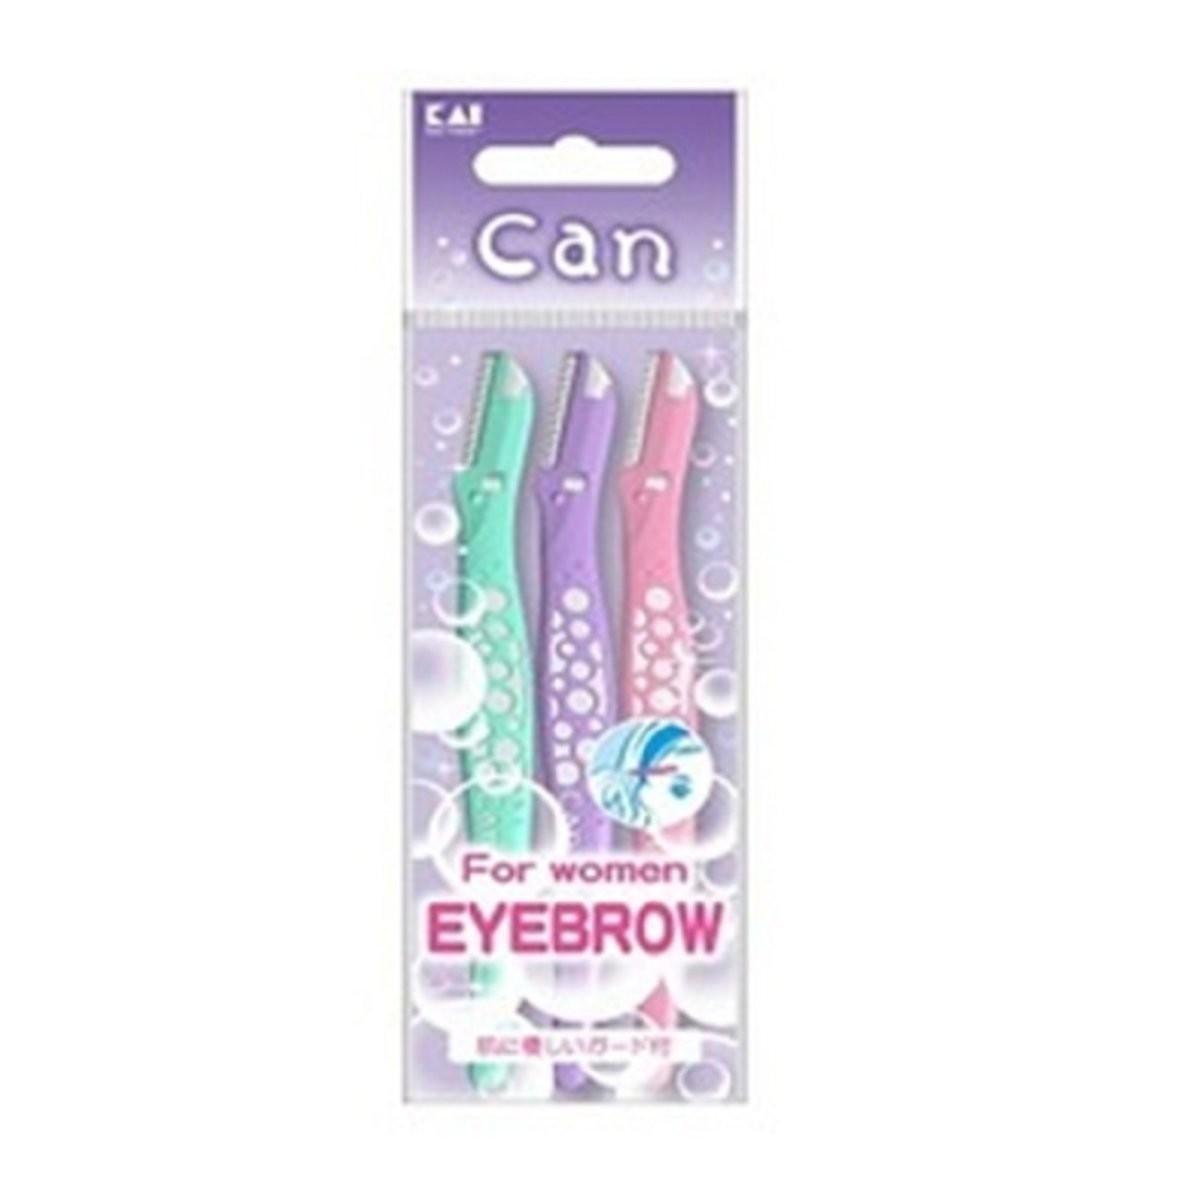 KAI - Can Bubble Eyebrow Razor L Type